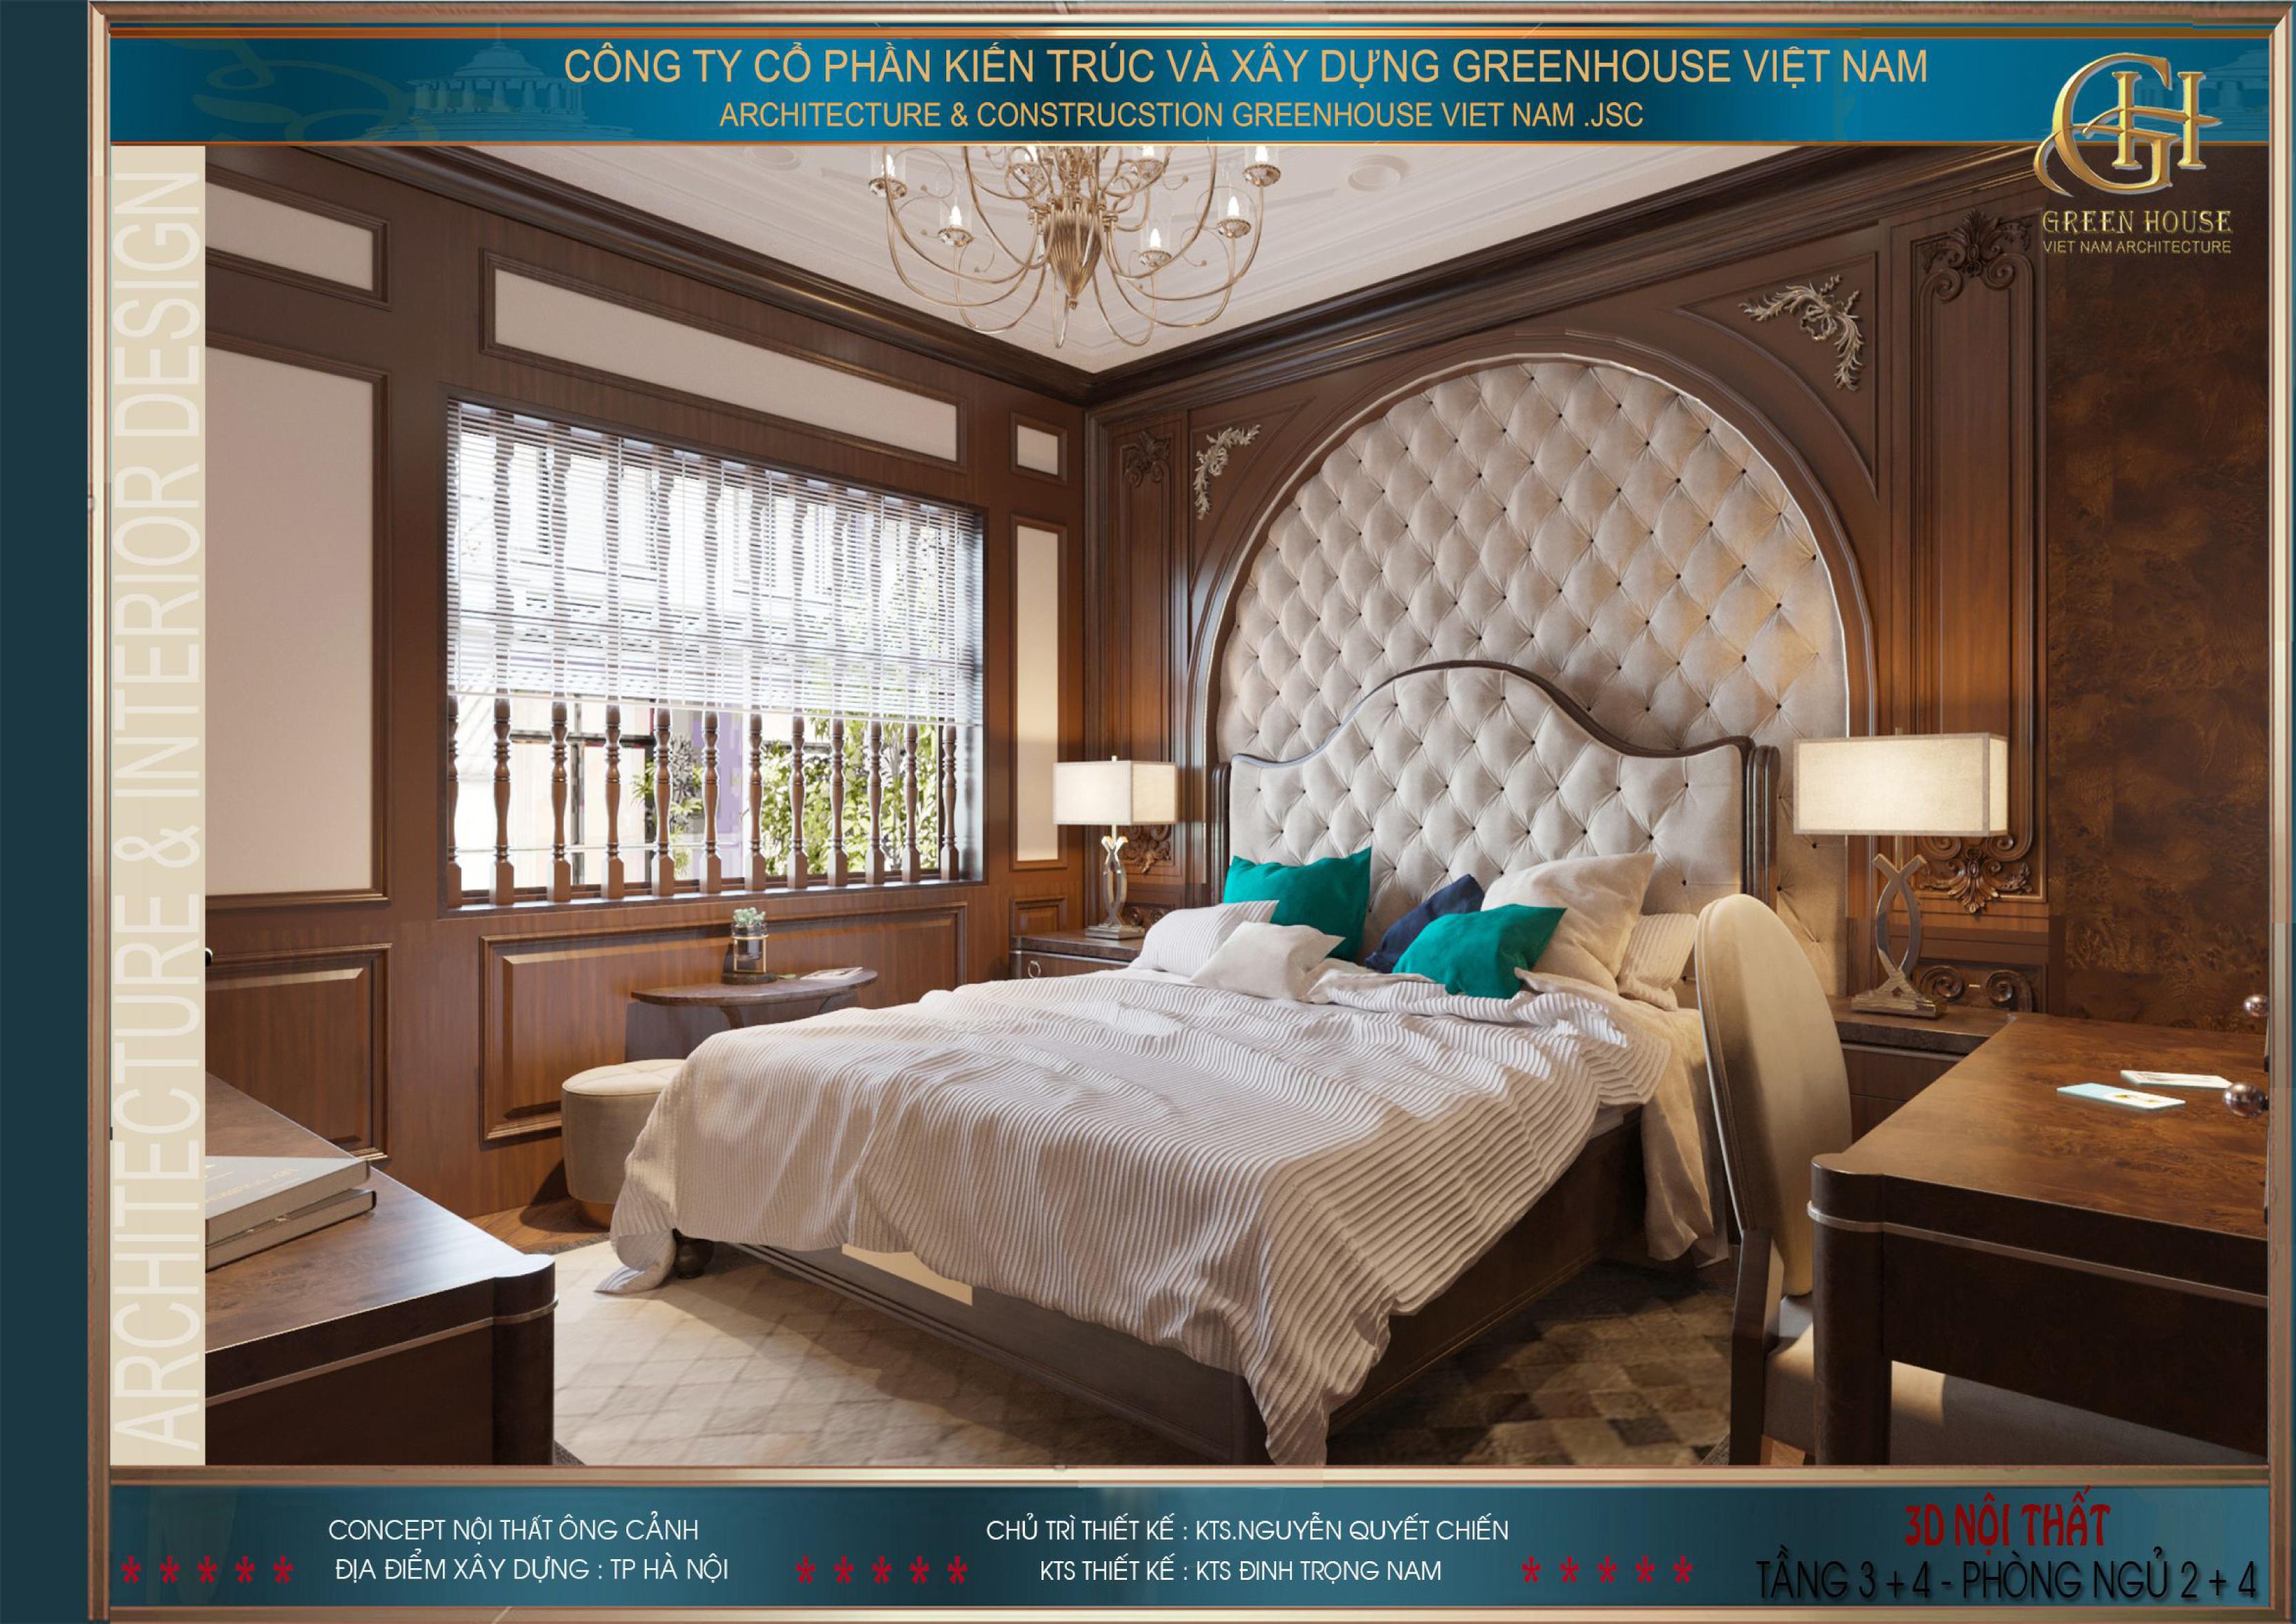 Cửa sổ lớn giúp căn phòng lấy được nhiều ánh sáng tự nhiên